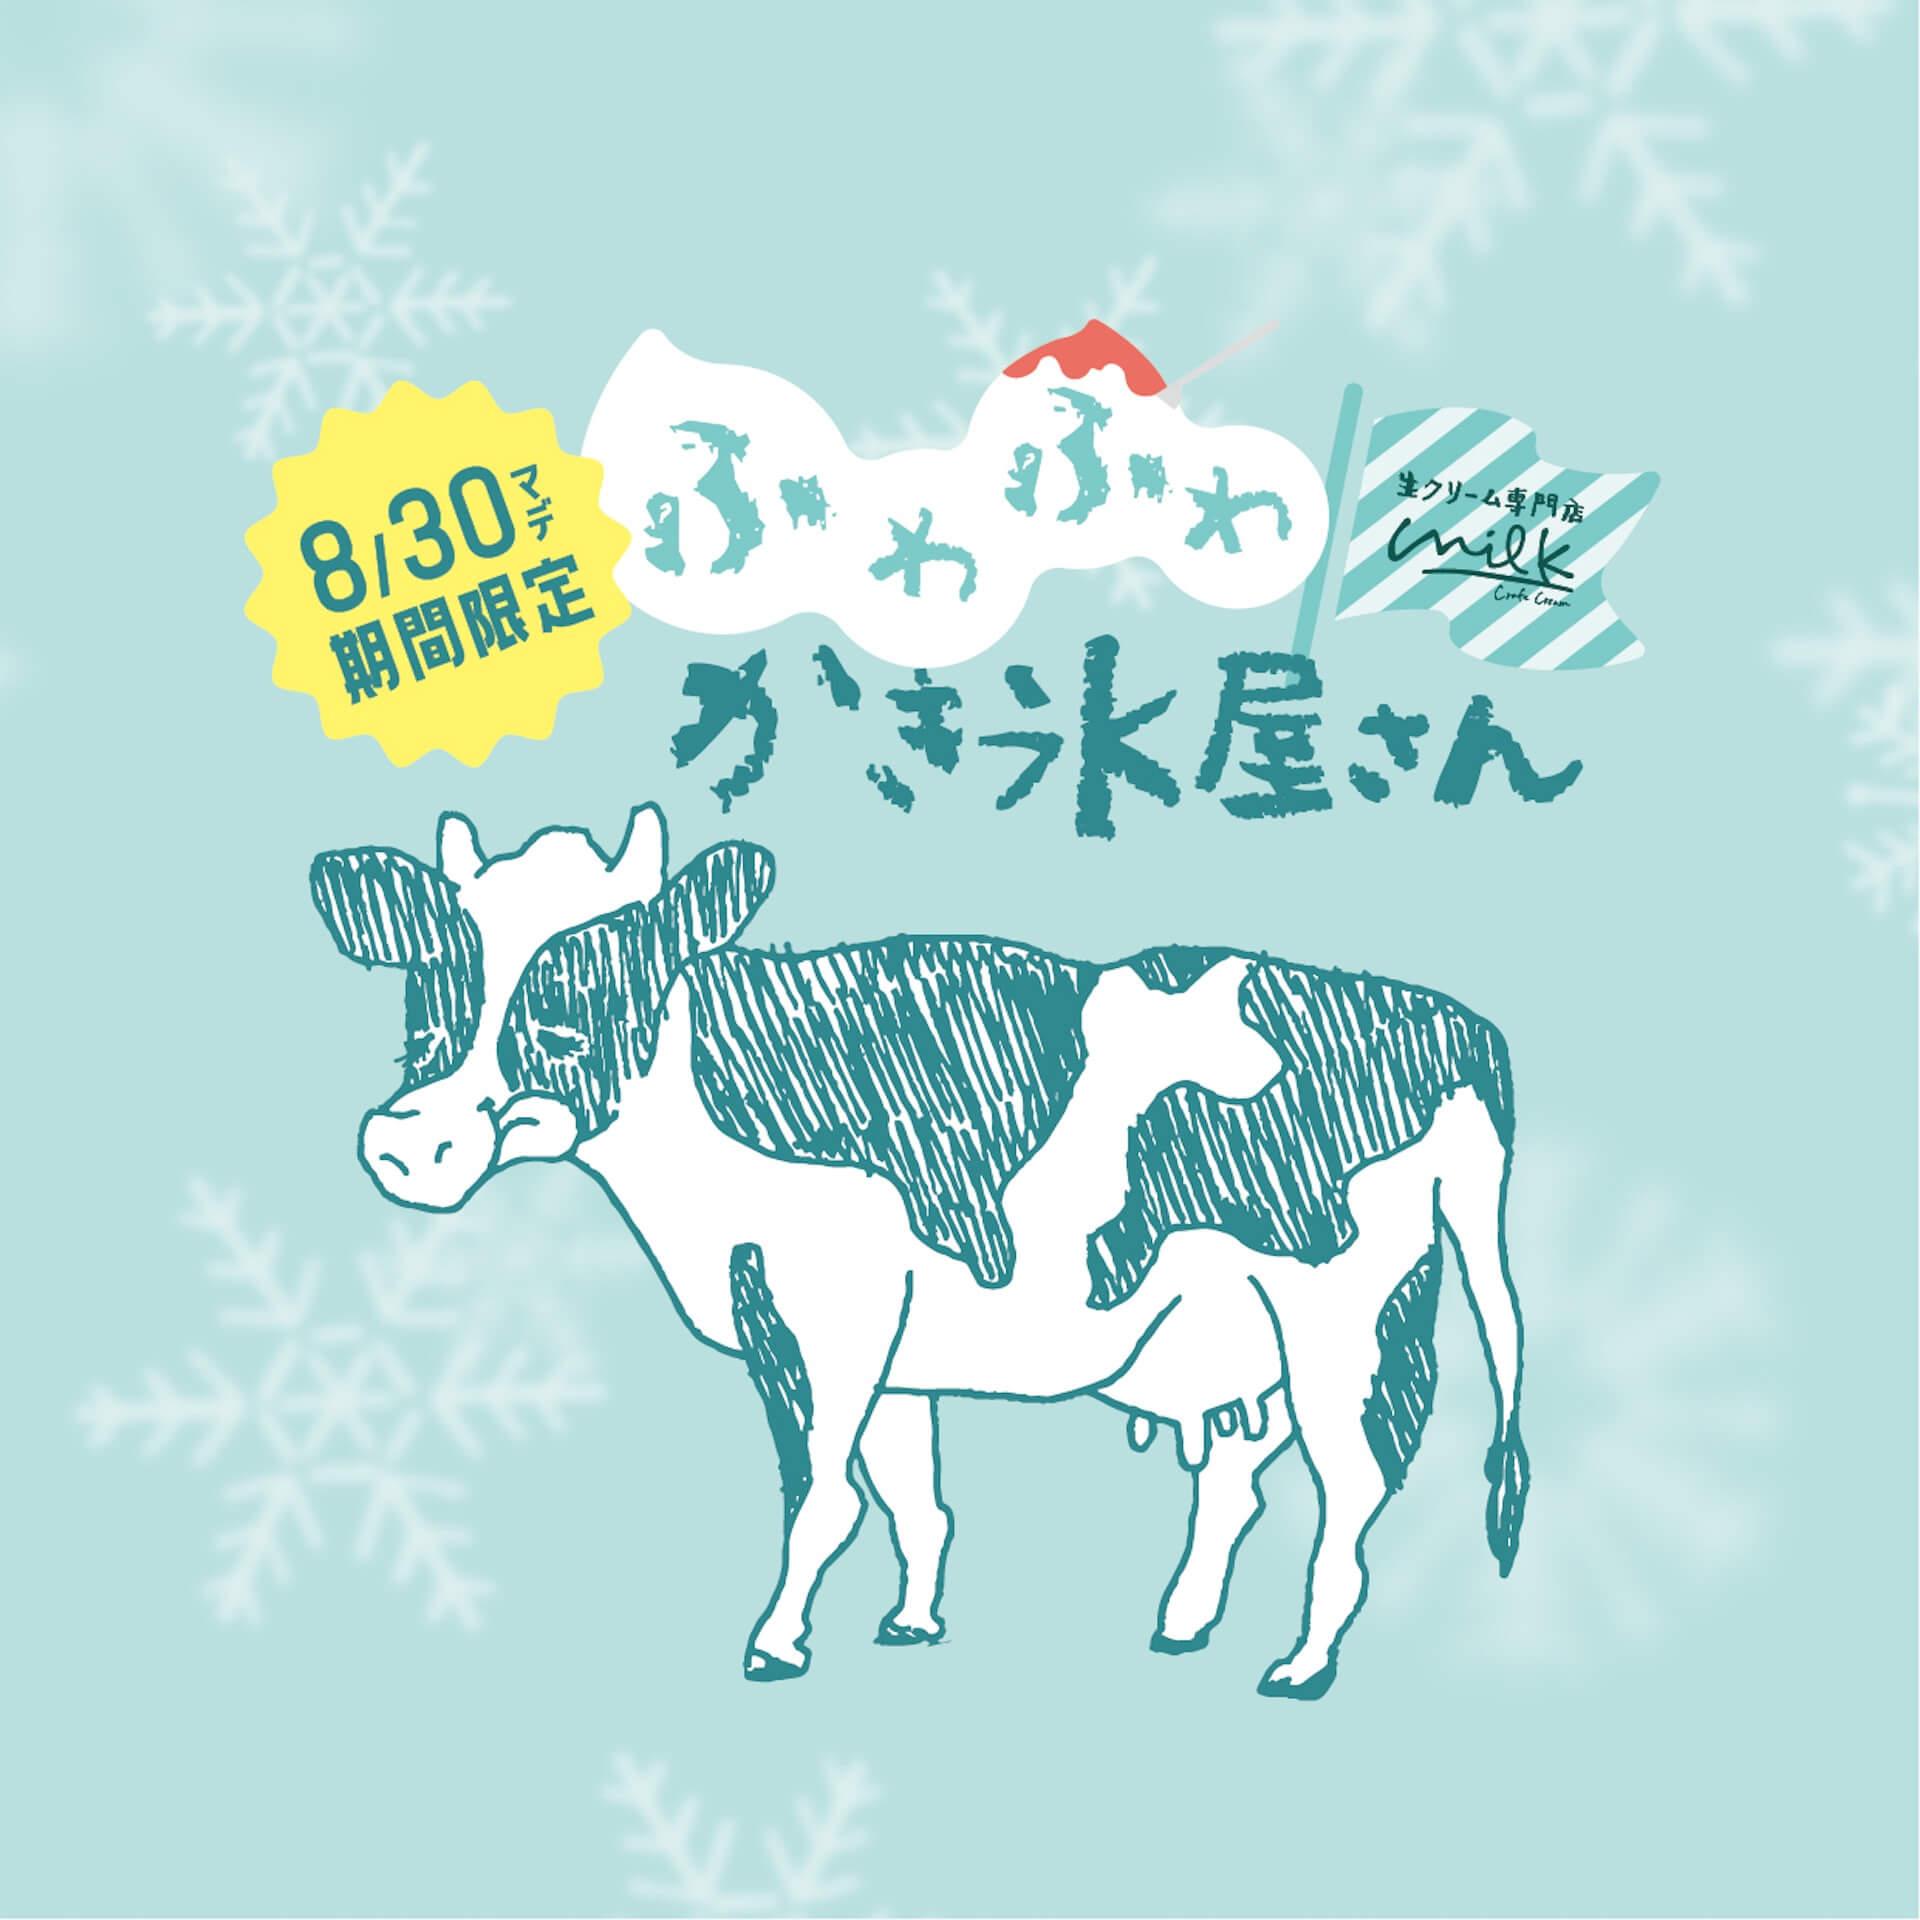 渋谷ミルクがかき氷屋さんに!ふわふわのいちごやマンゴーなどの果物のかき氷が食べ歩きサイズ・夏季限定で新登場 gourmet200709_milk_kakigori_02